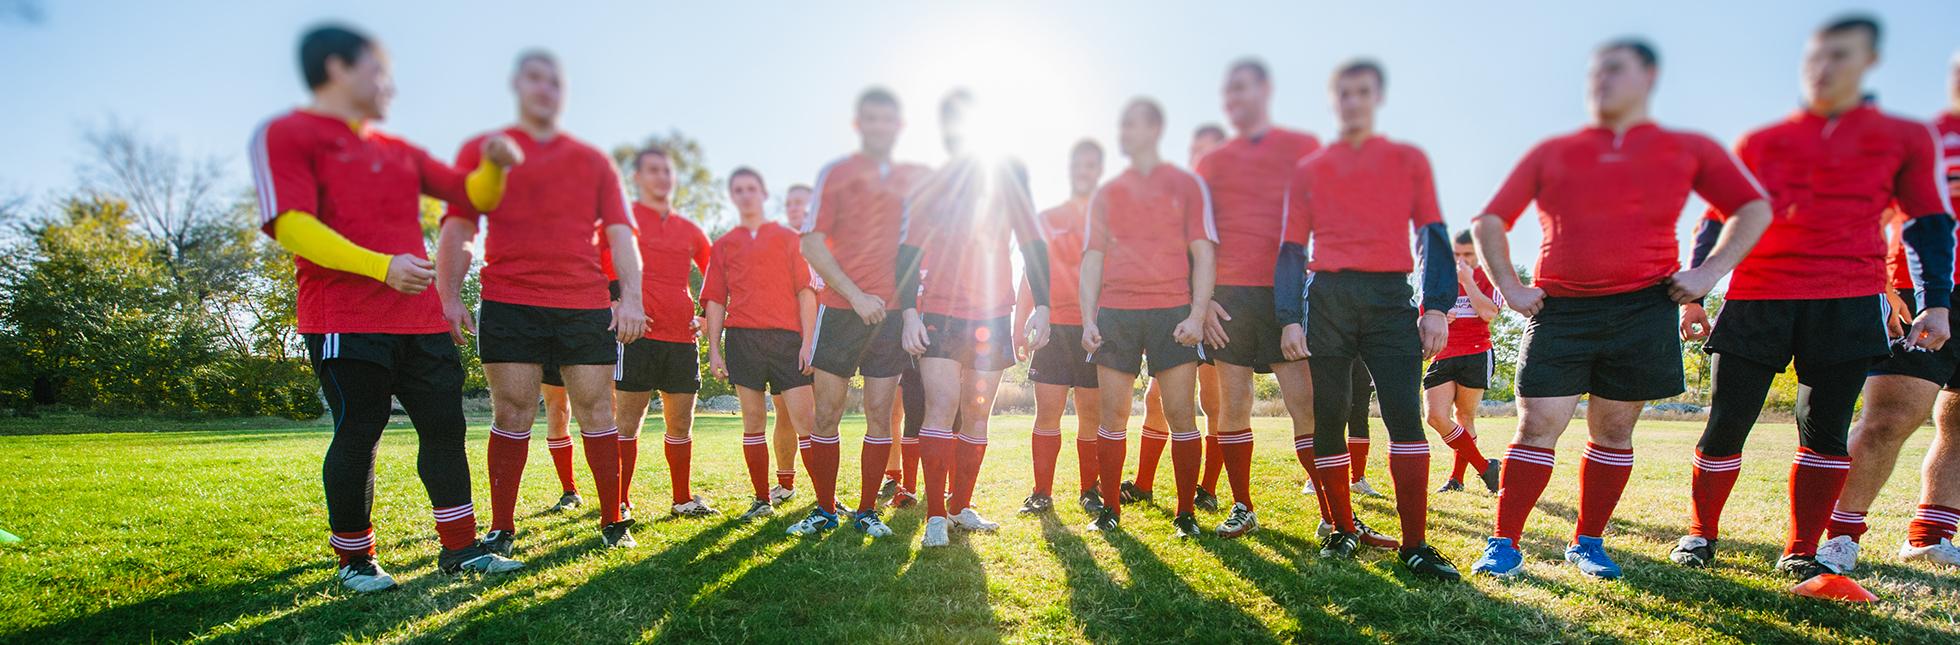 teambuilding-rugby-aix-marseille-paris-toulon